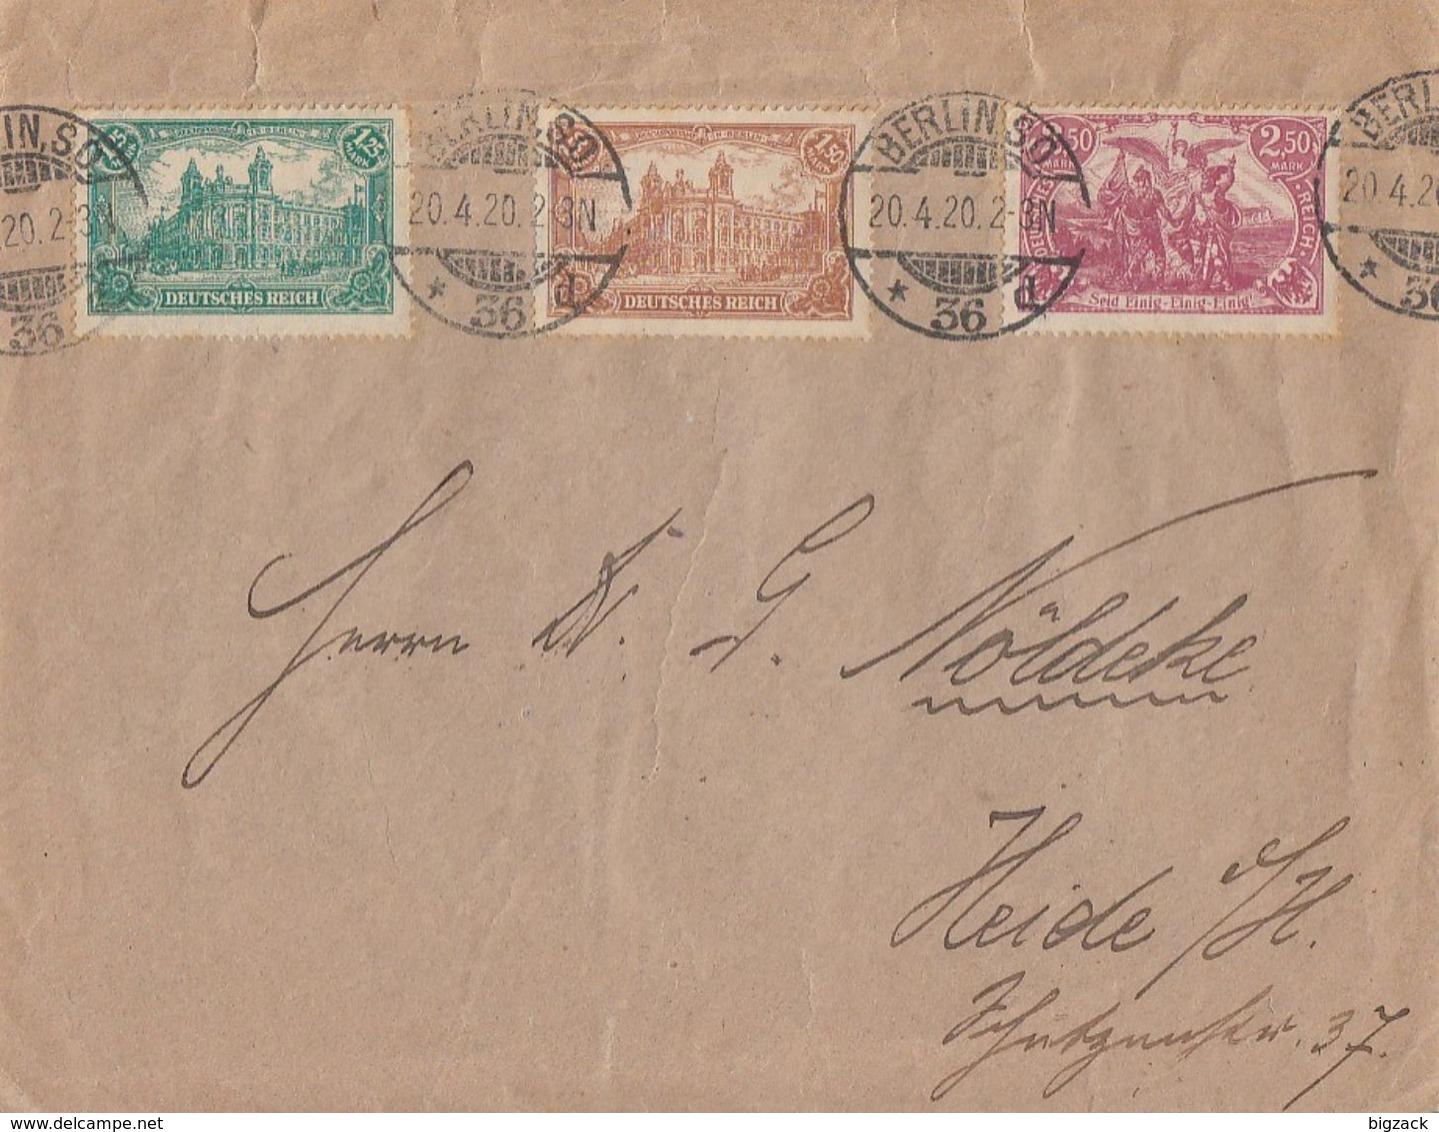 DR Brief Mif Minr.113,114,115 Berlin 20.4.20 - Deutschland